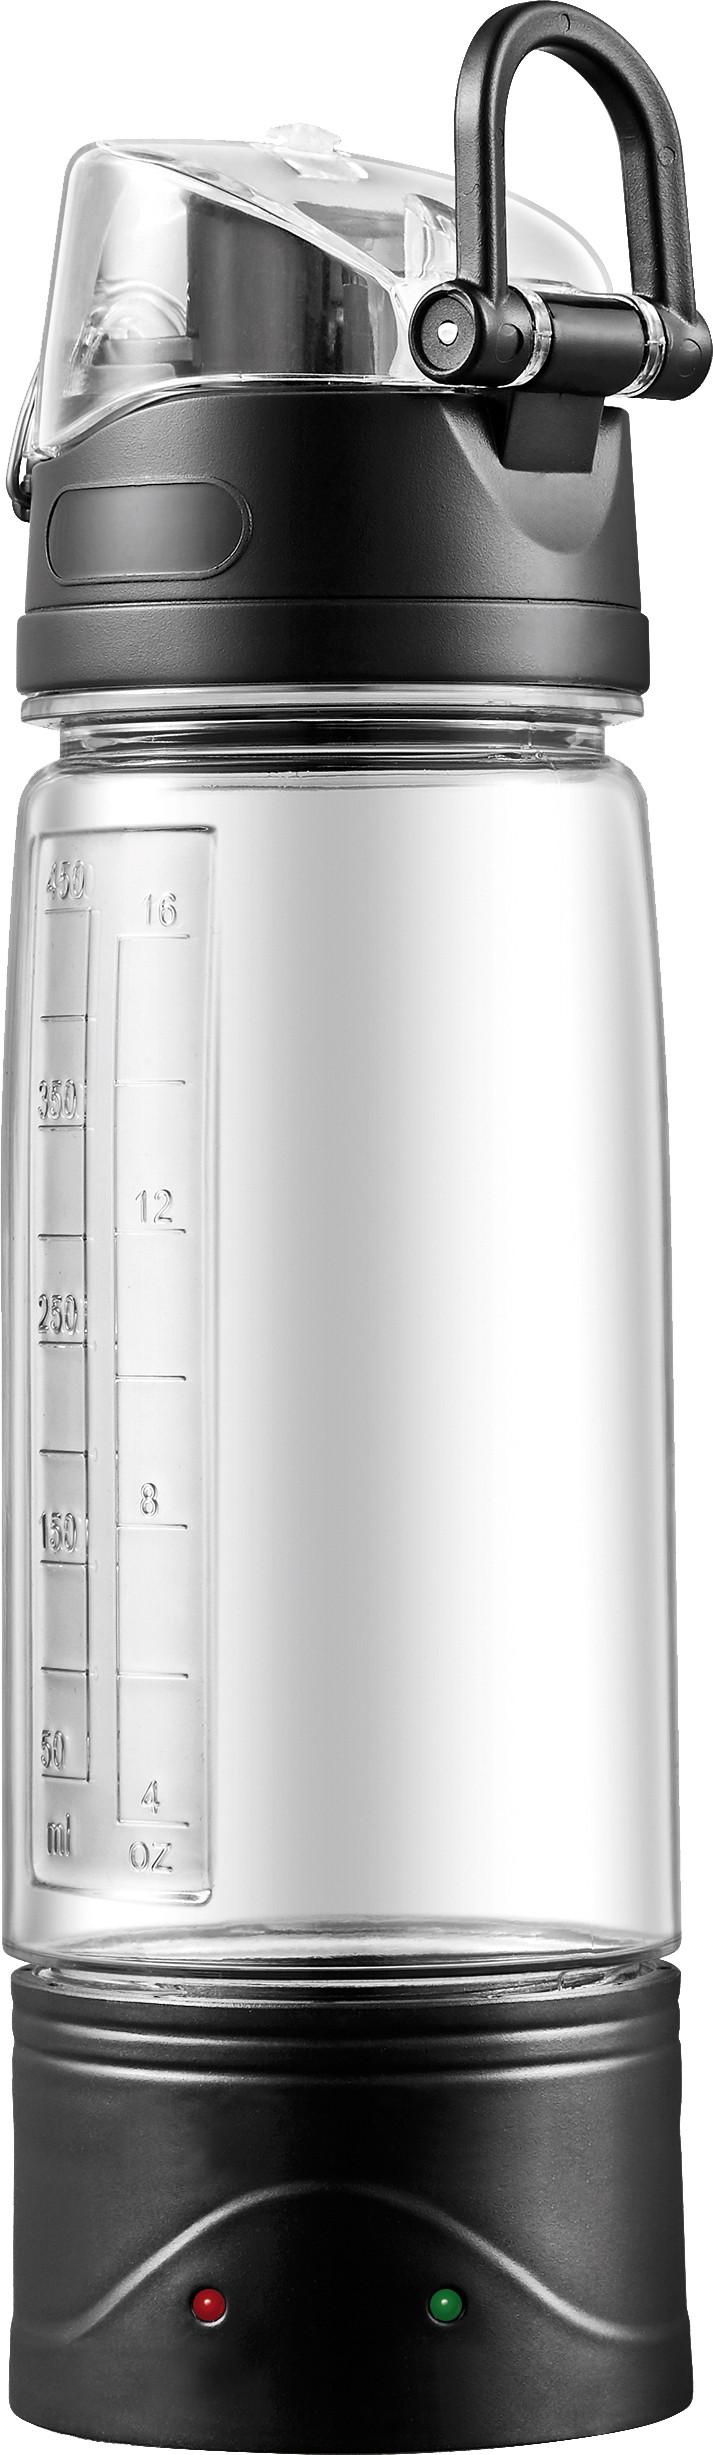 Platinet auto ūdens sildītājs PEKQ105 (44153) 5907595441537 auto kopšanai